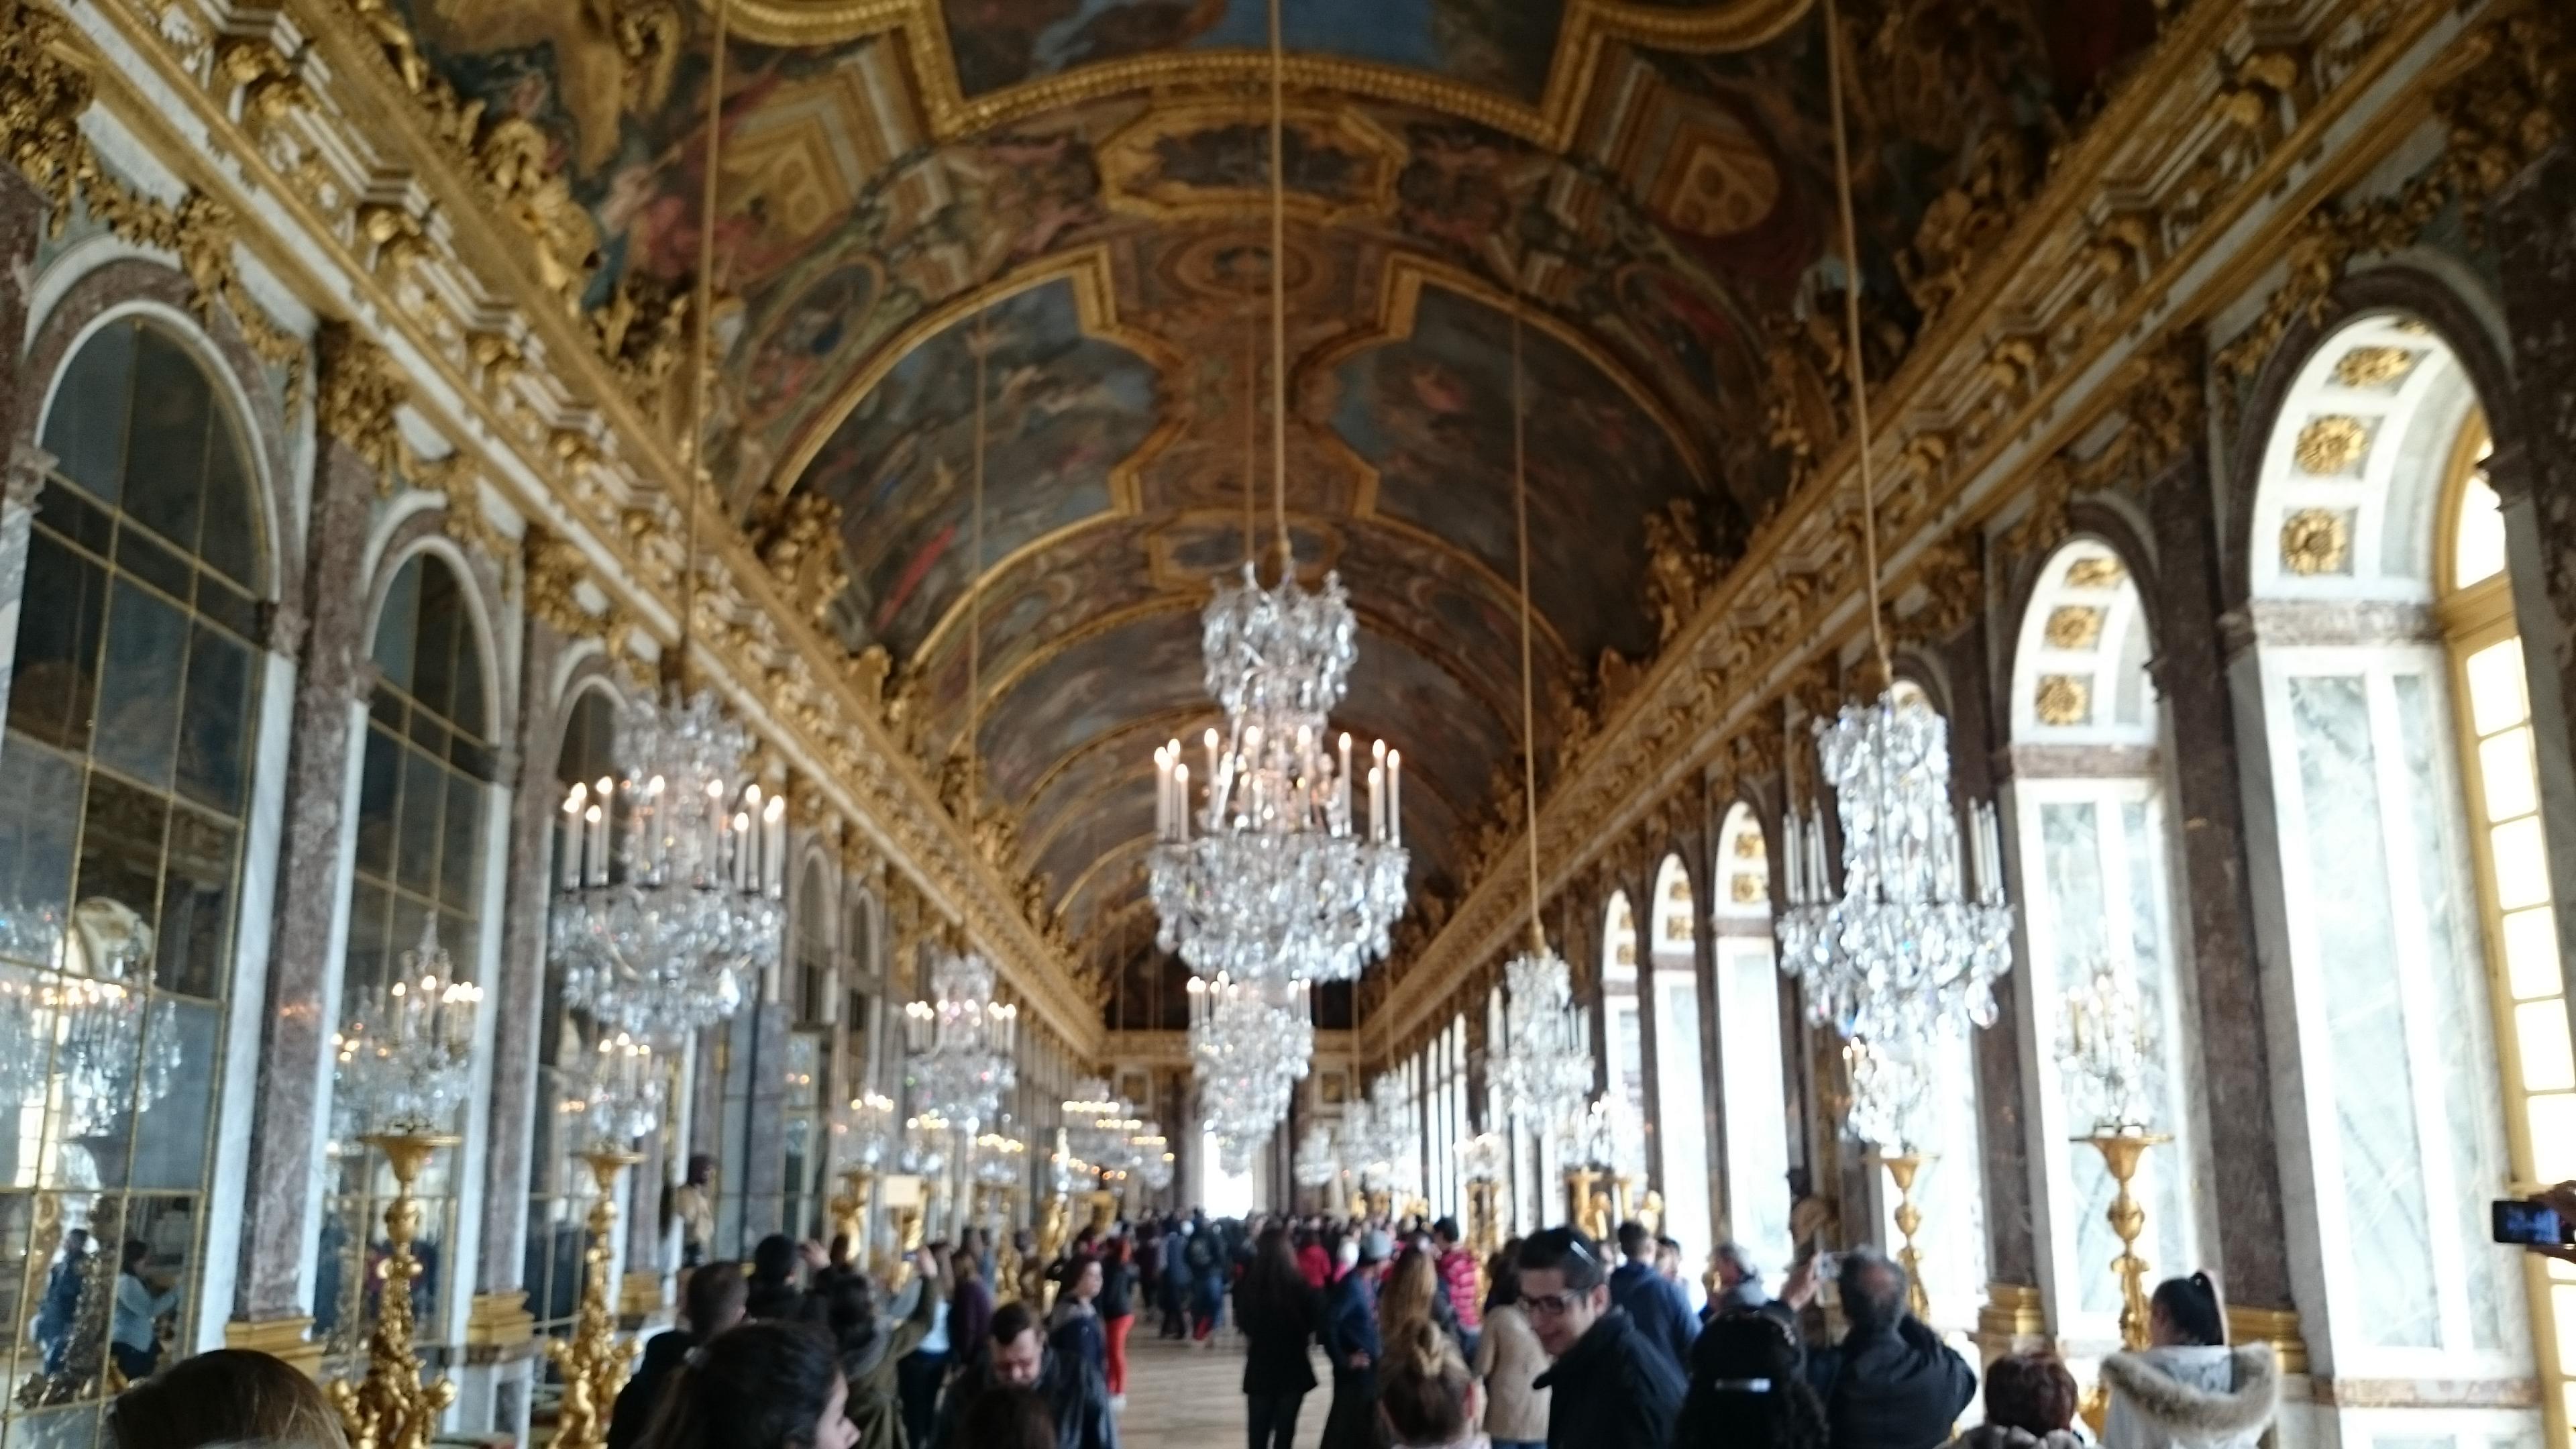 dsc 13661 - Visita al Palacio de Versalles: Como ir, cuanto cuesta y tips III/III